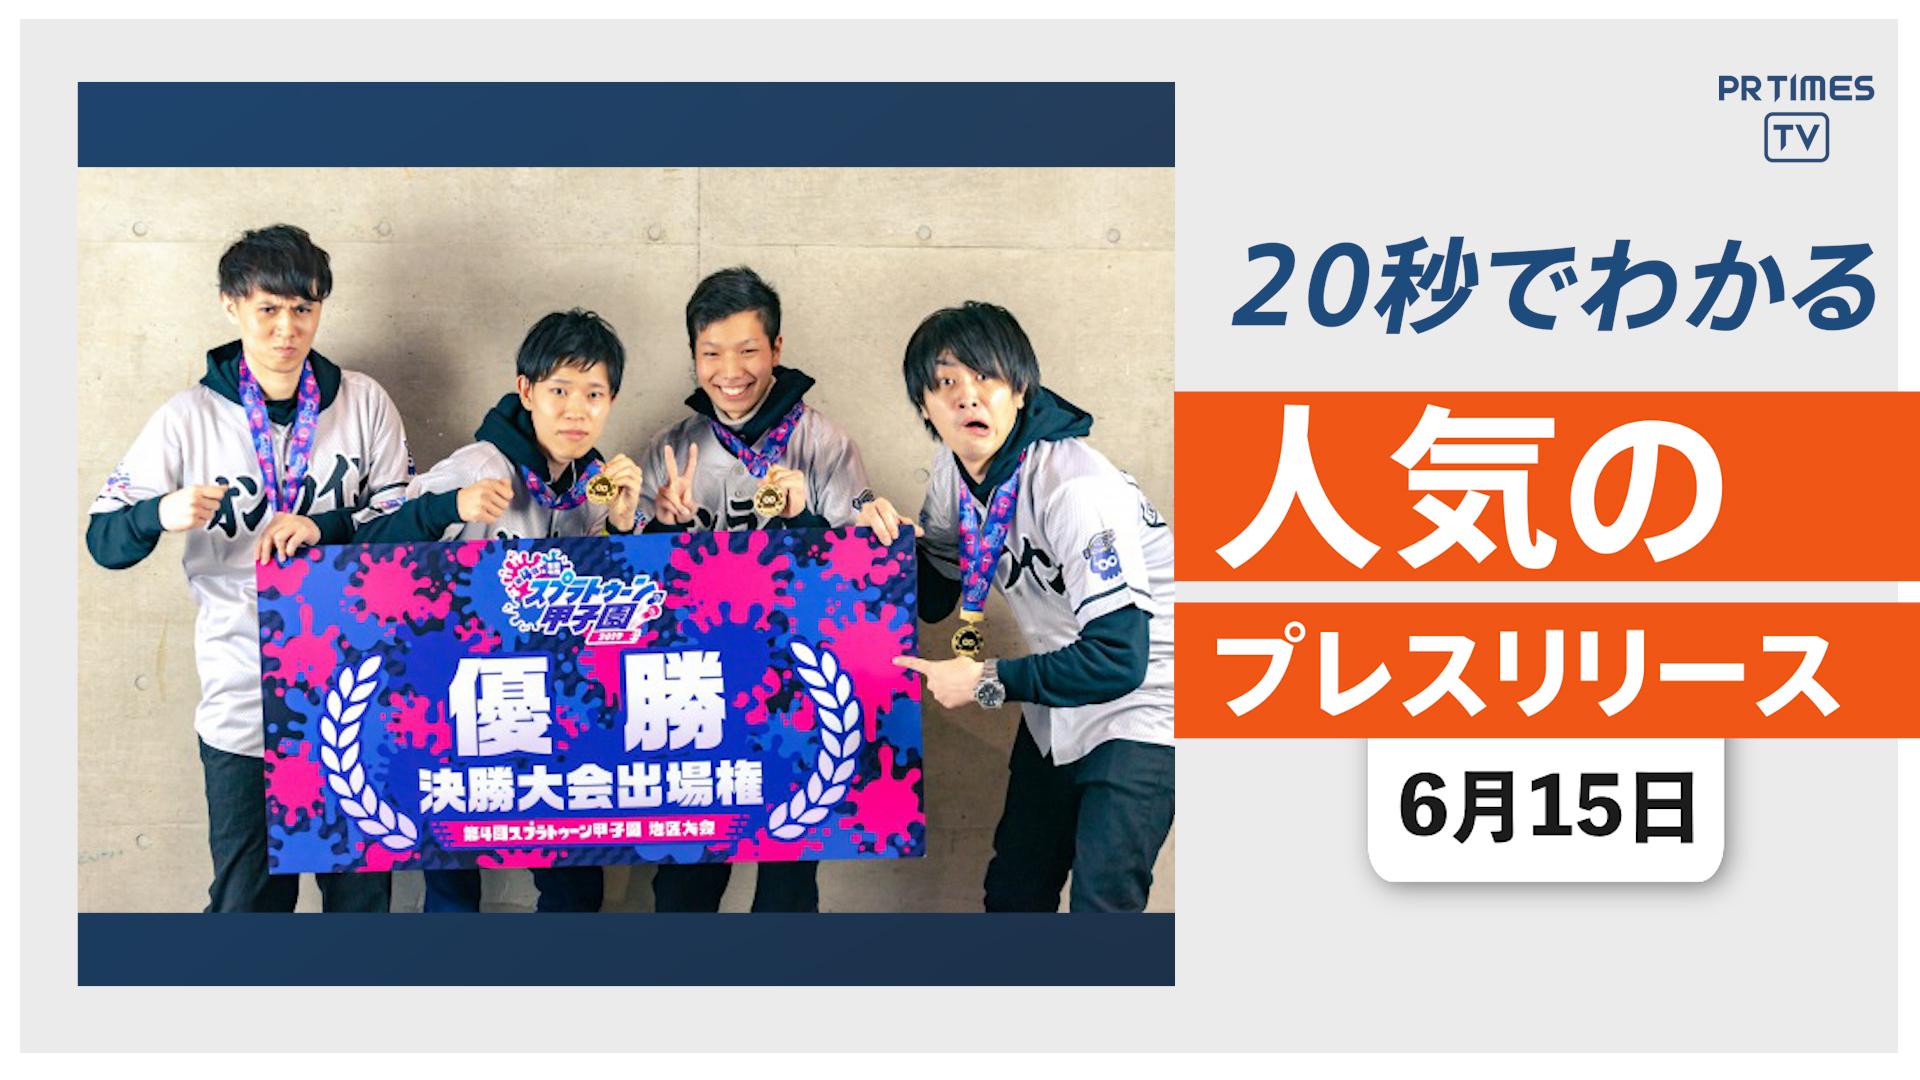 【吉本が運営する e-Sportsチームに「カラマリ」が新加入】他、新着トレンド6月15日